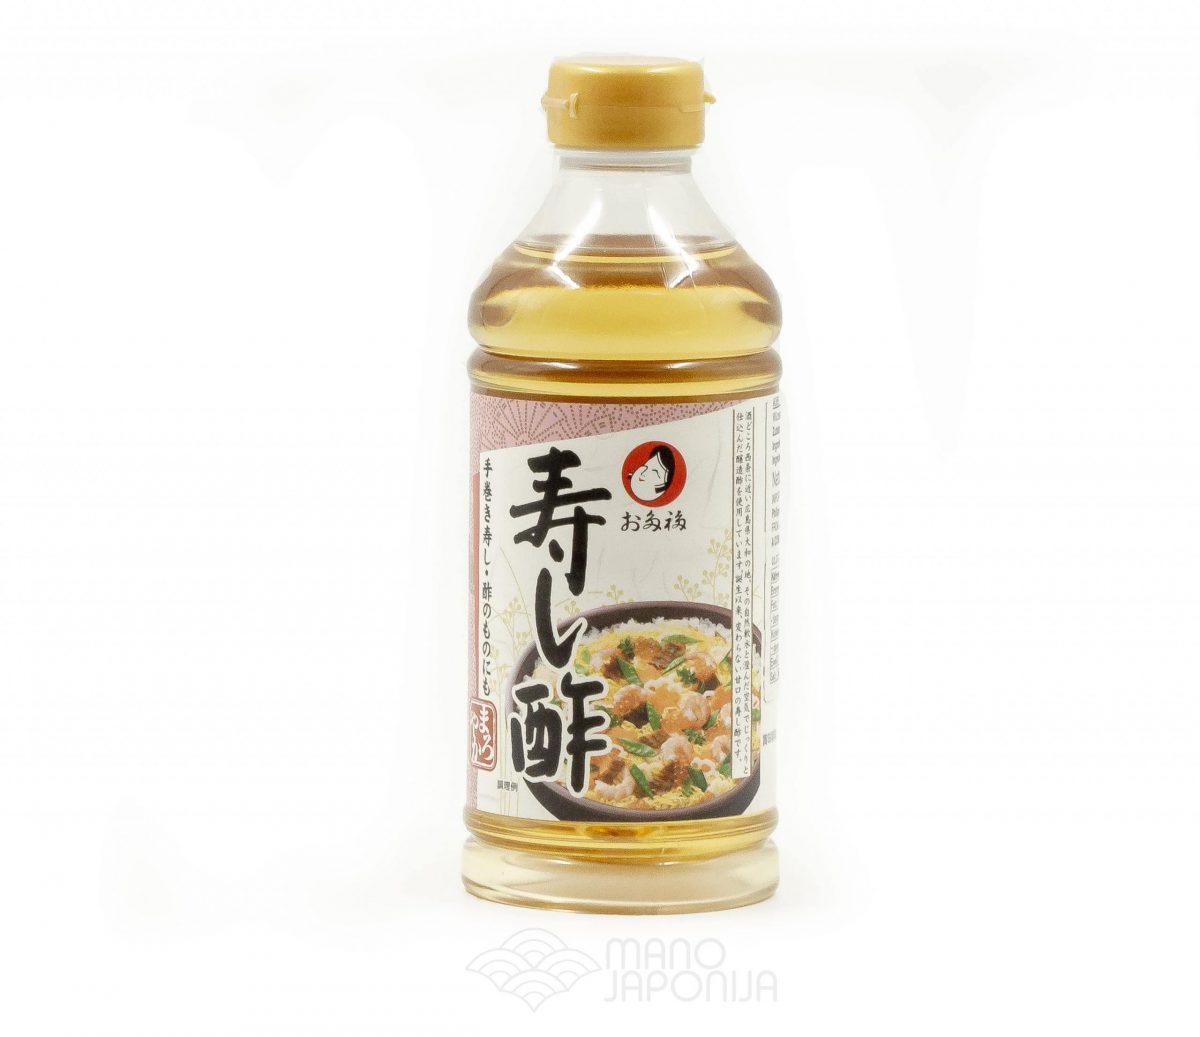 Otafuku saldus ryžių actas sušiams